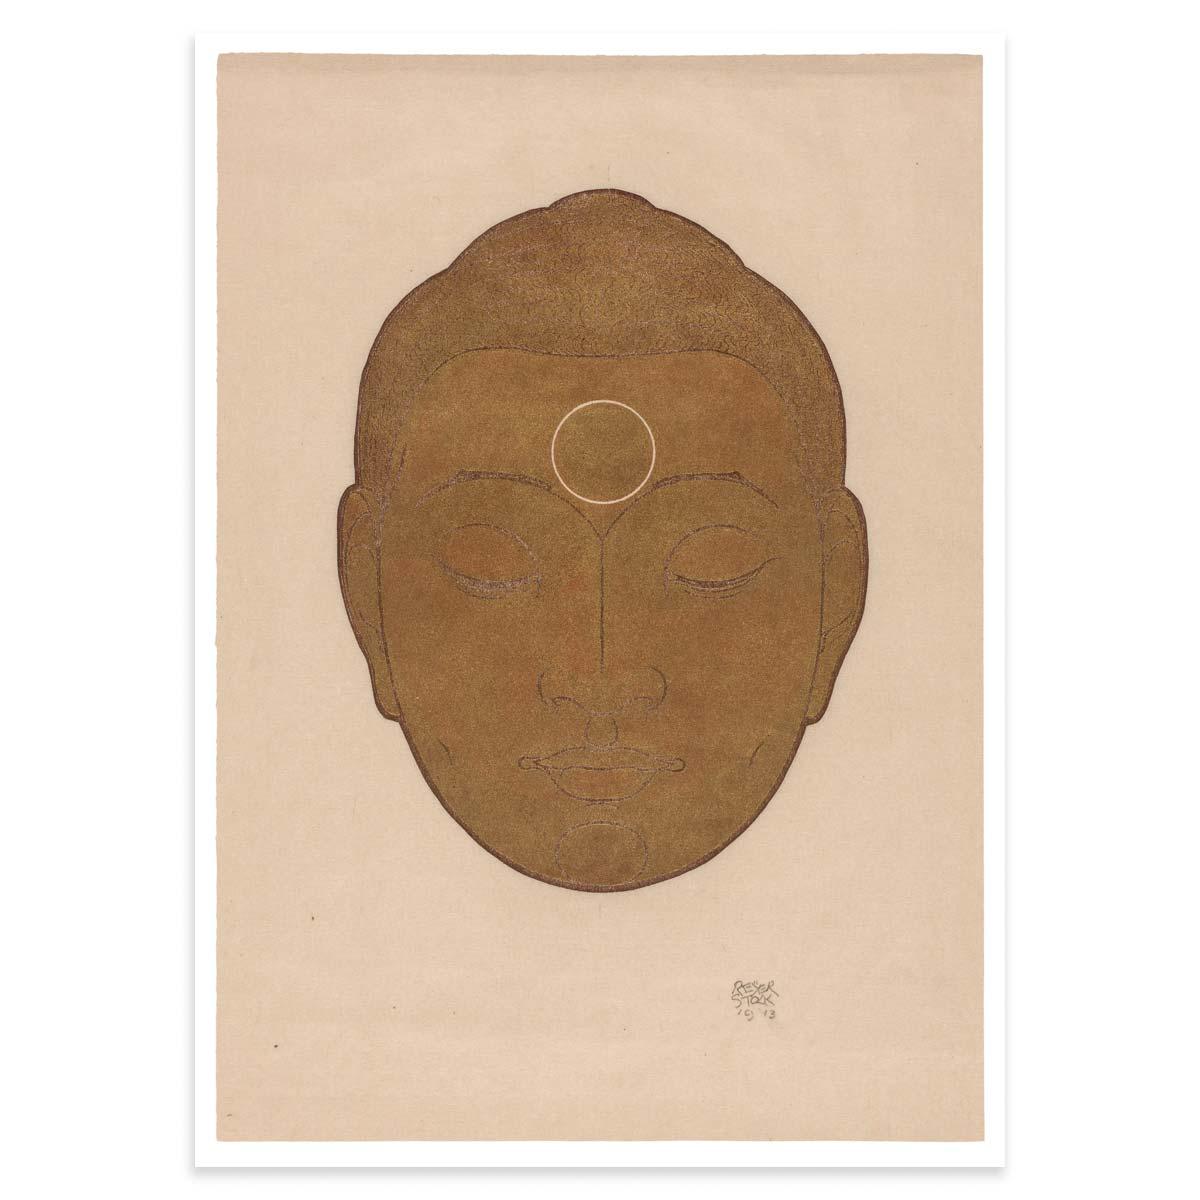 Plakat - Træsnit - Gyldent Buddha-hoved af Reijer Stolk